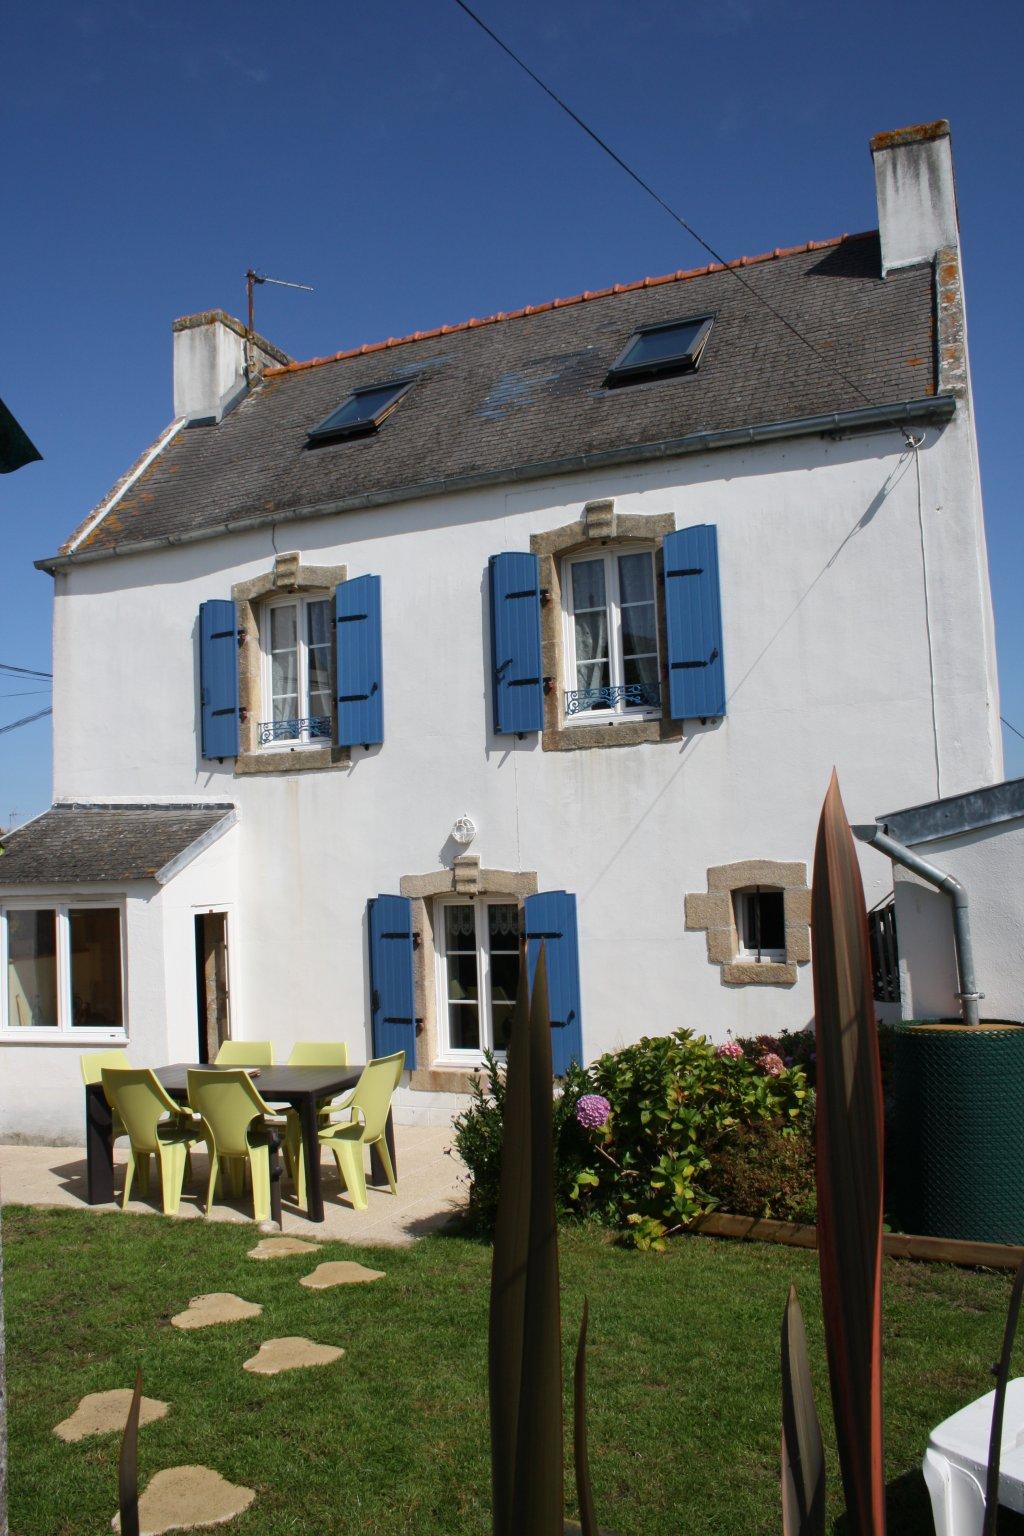 Maison vacances plouhinec 29 location 5 personnes yveline carval for Location maison